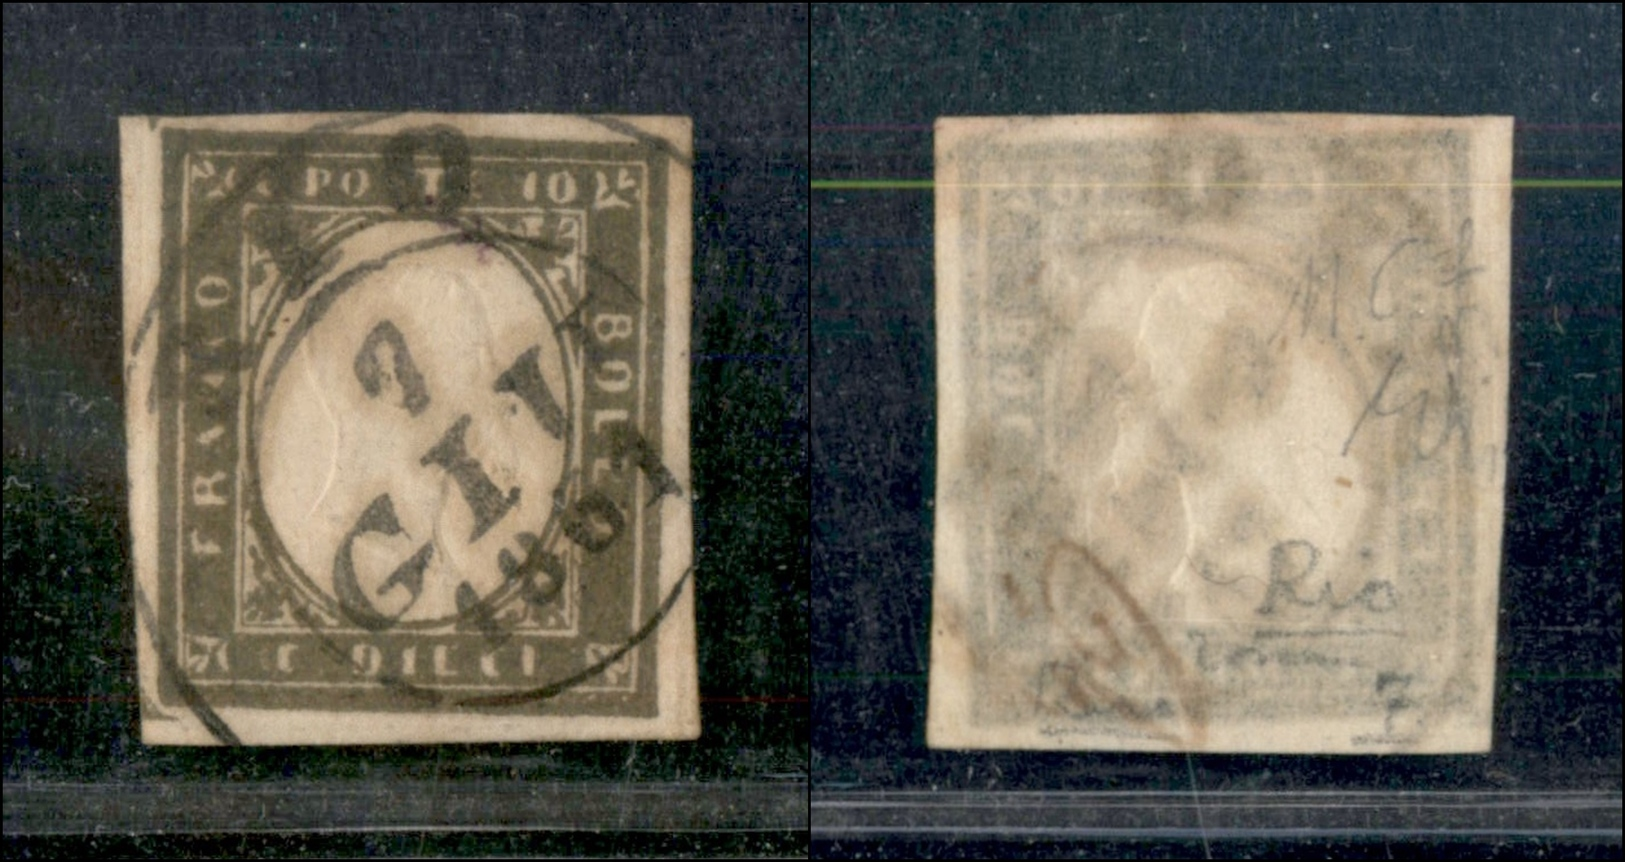 10345 REGNO - 1861 - 10 Cent Oliva Grigio Scuro (14Cb) Con Ottimi Margini - Rio (punti 7) - Molto Bello (2.500+) - Unclassified